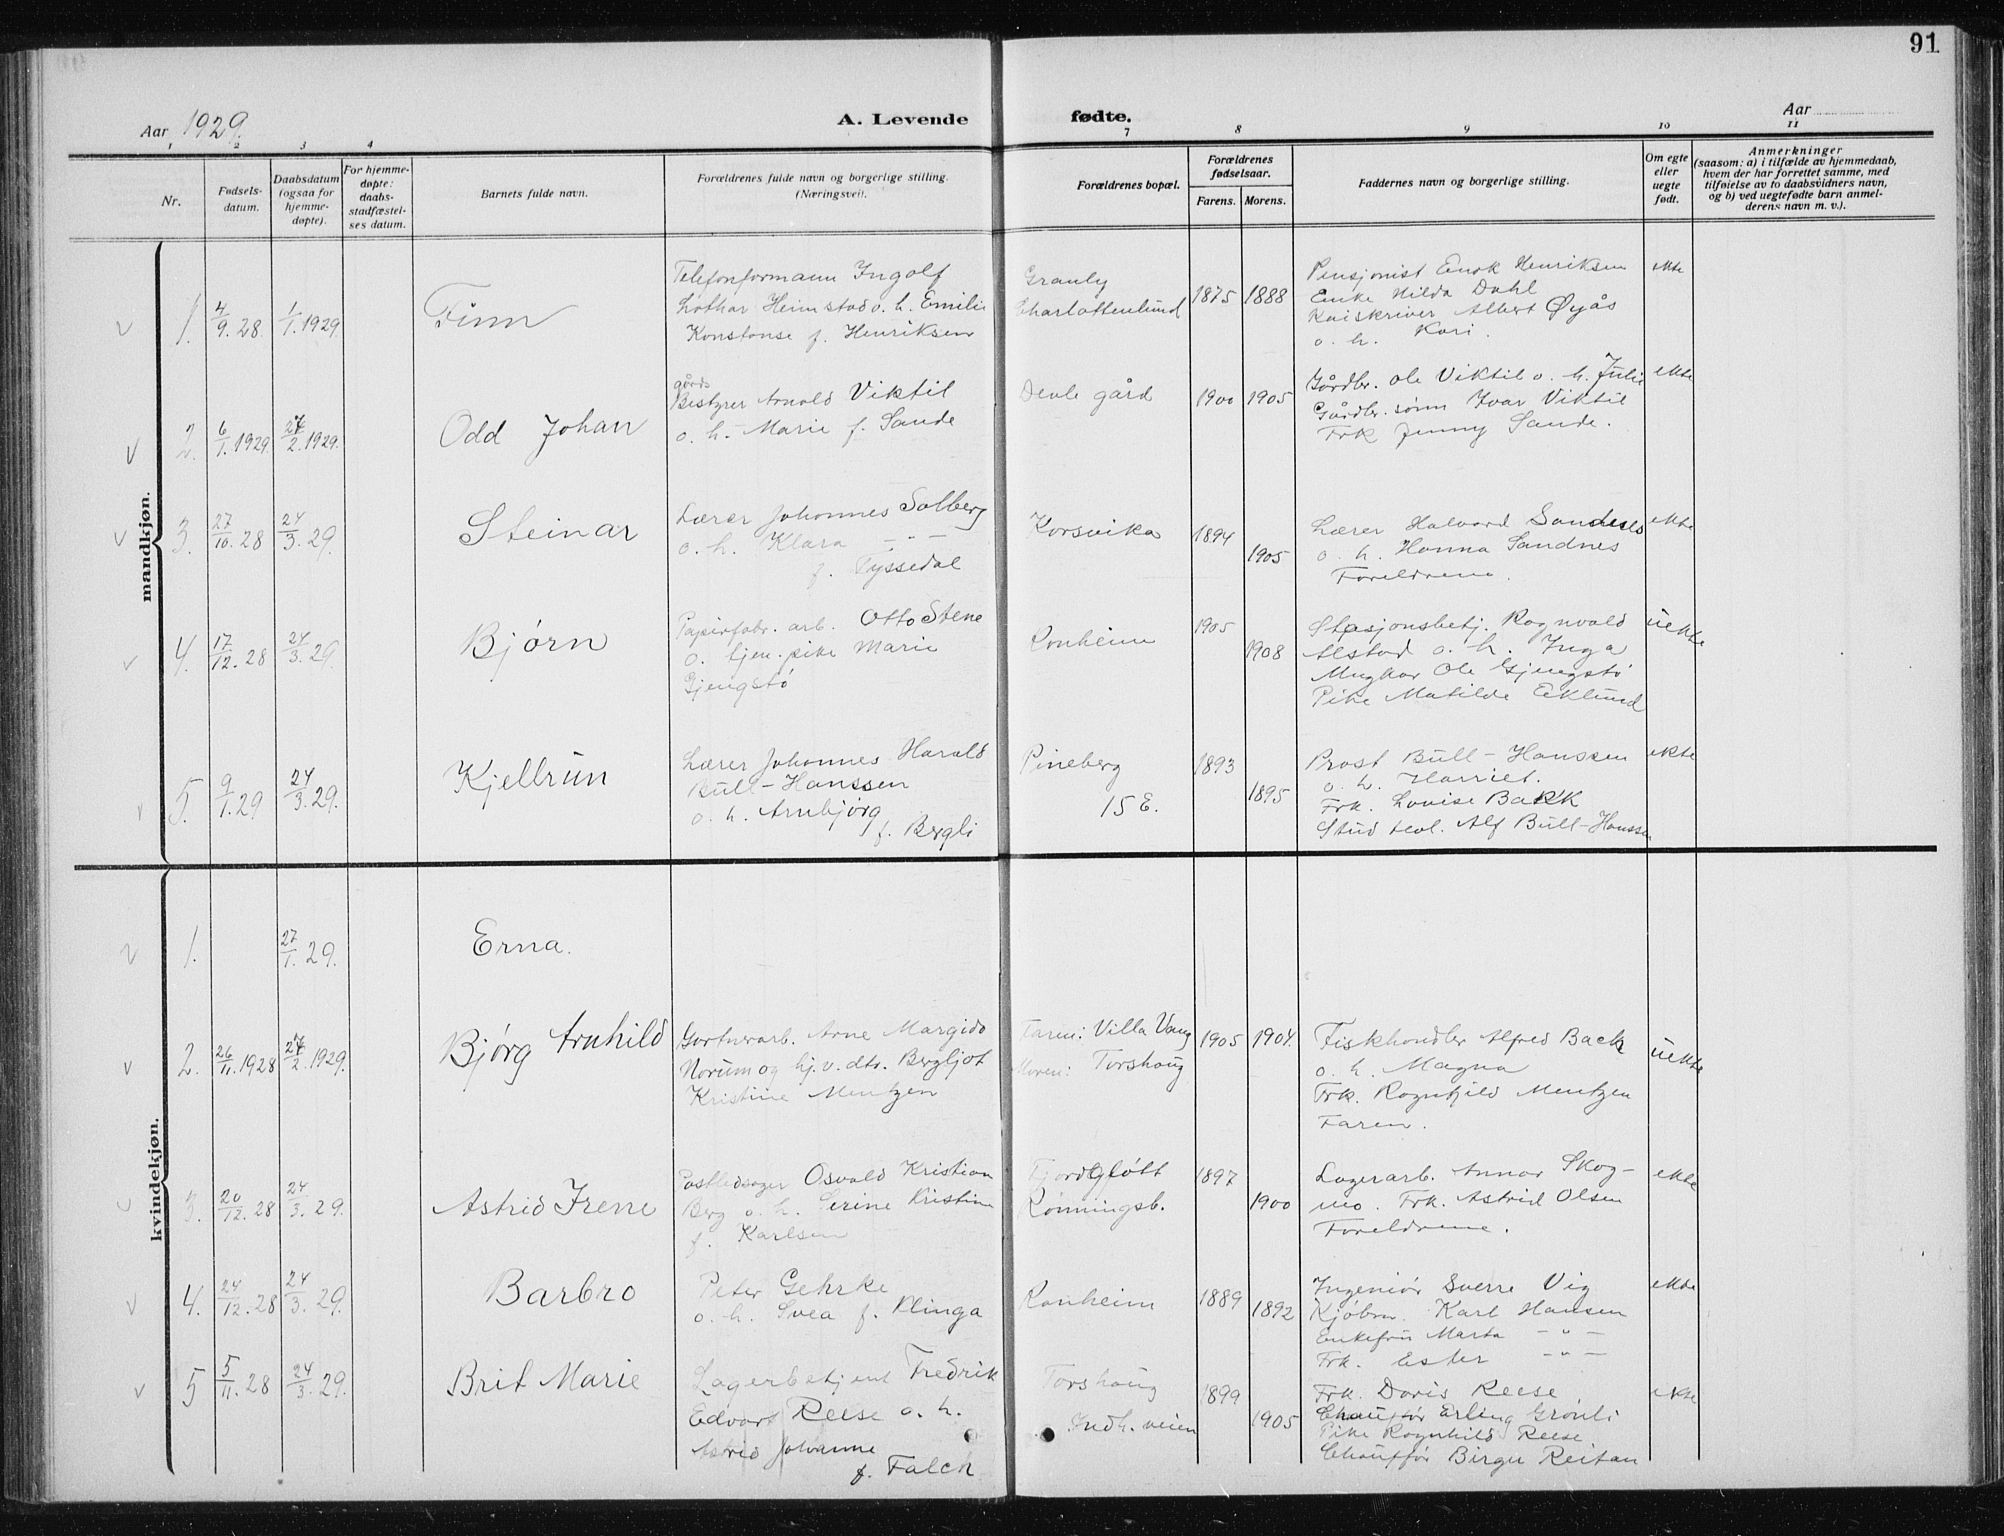 SAT, Ministerialprotokoller, klokkerbøker og fødselsregistre - Sør-Trøndelag, 606/L0314: Klokkerbok nr. 606C10, 1911-1937, s. 91